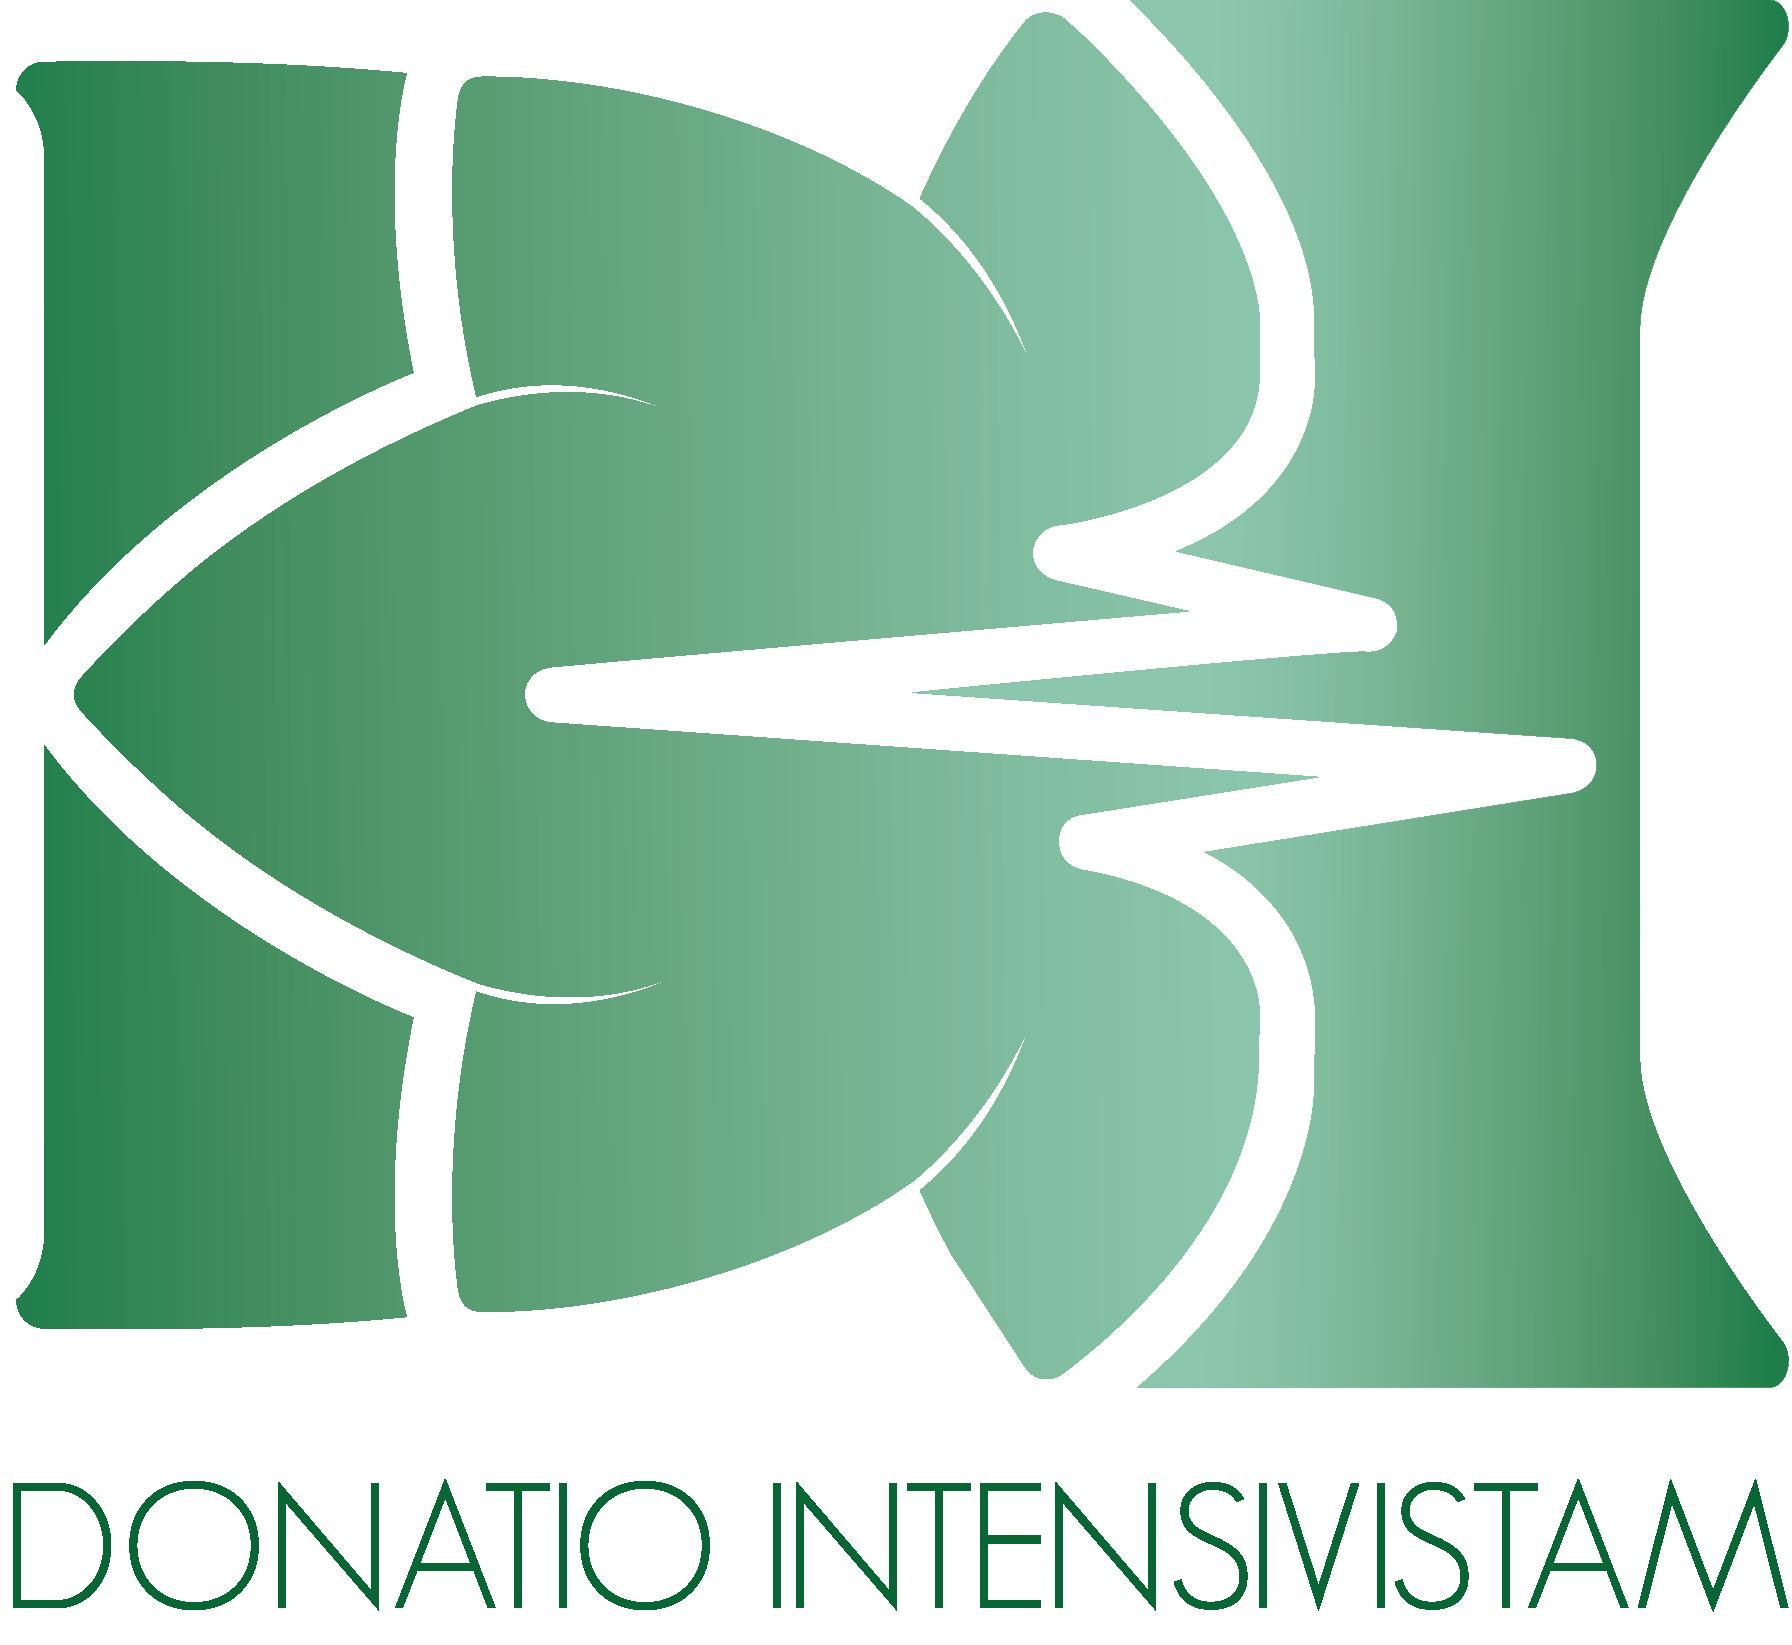 Donatio Intensivistam